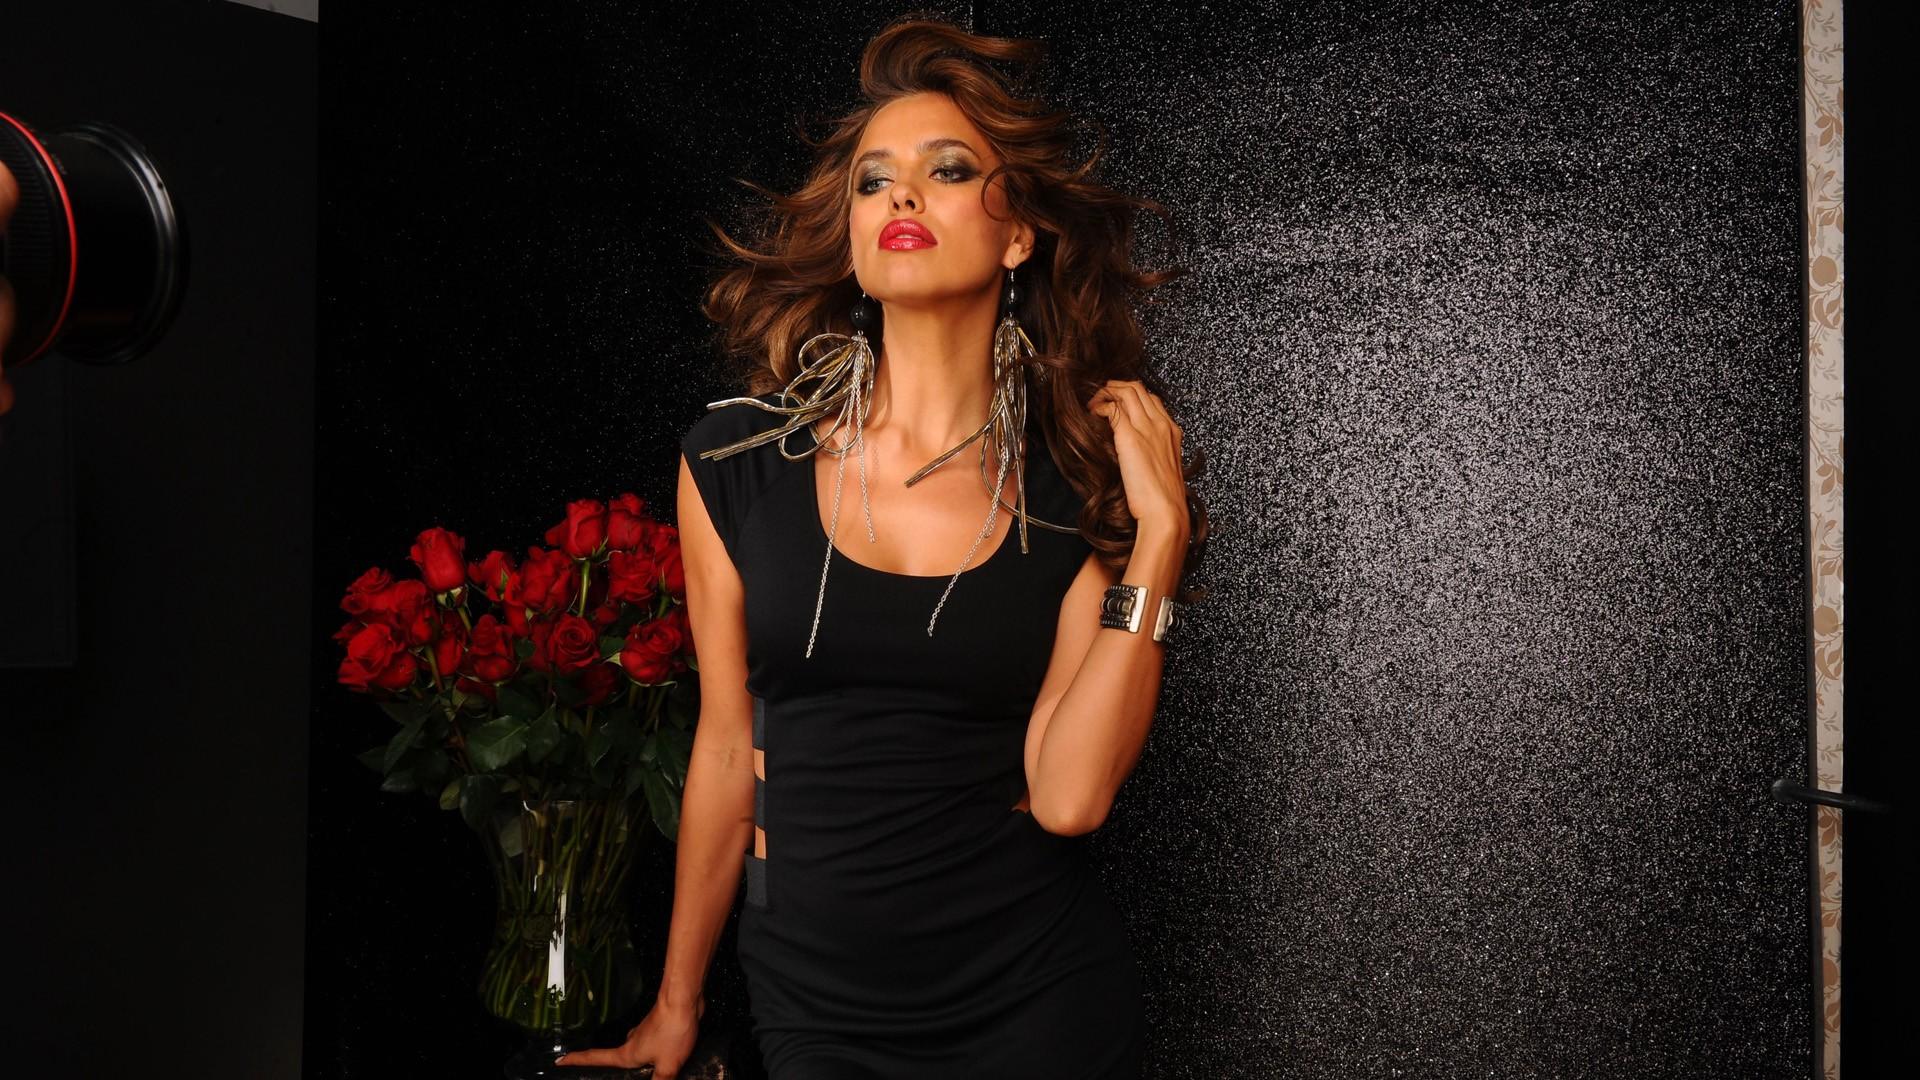 sexy irina shayk wallpaper 52067